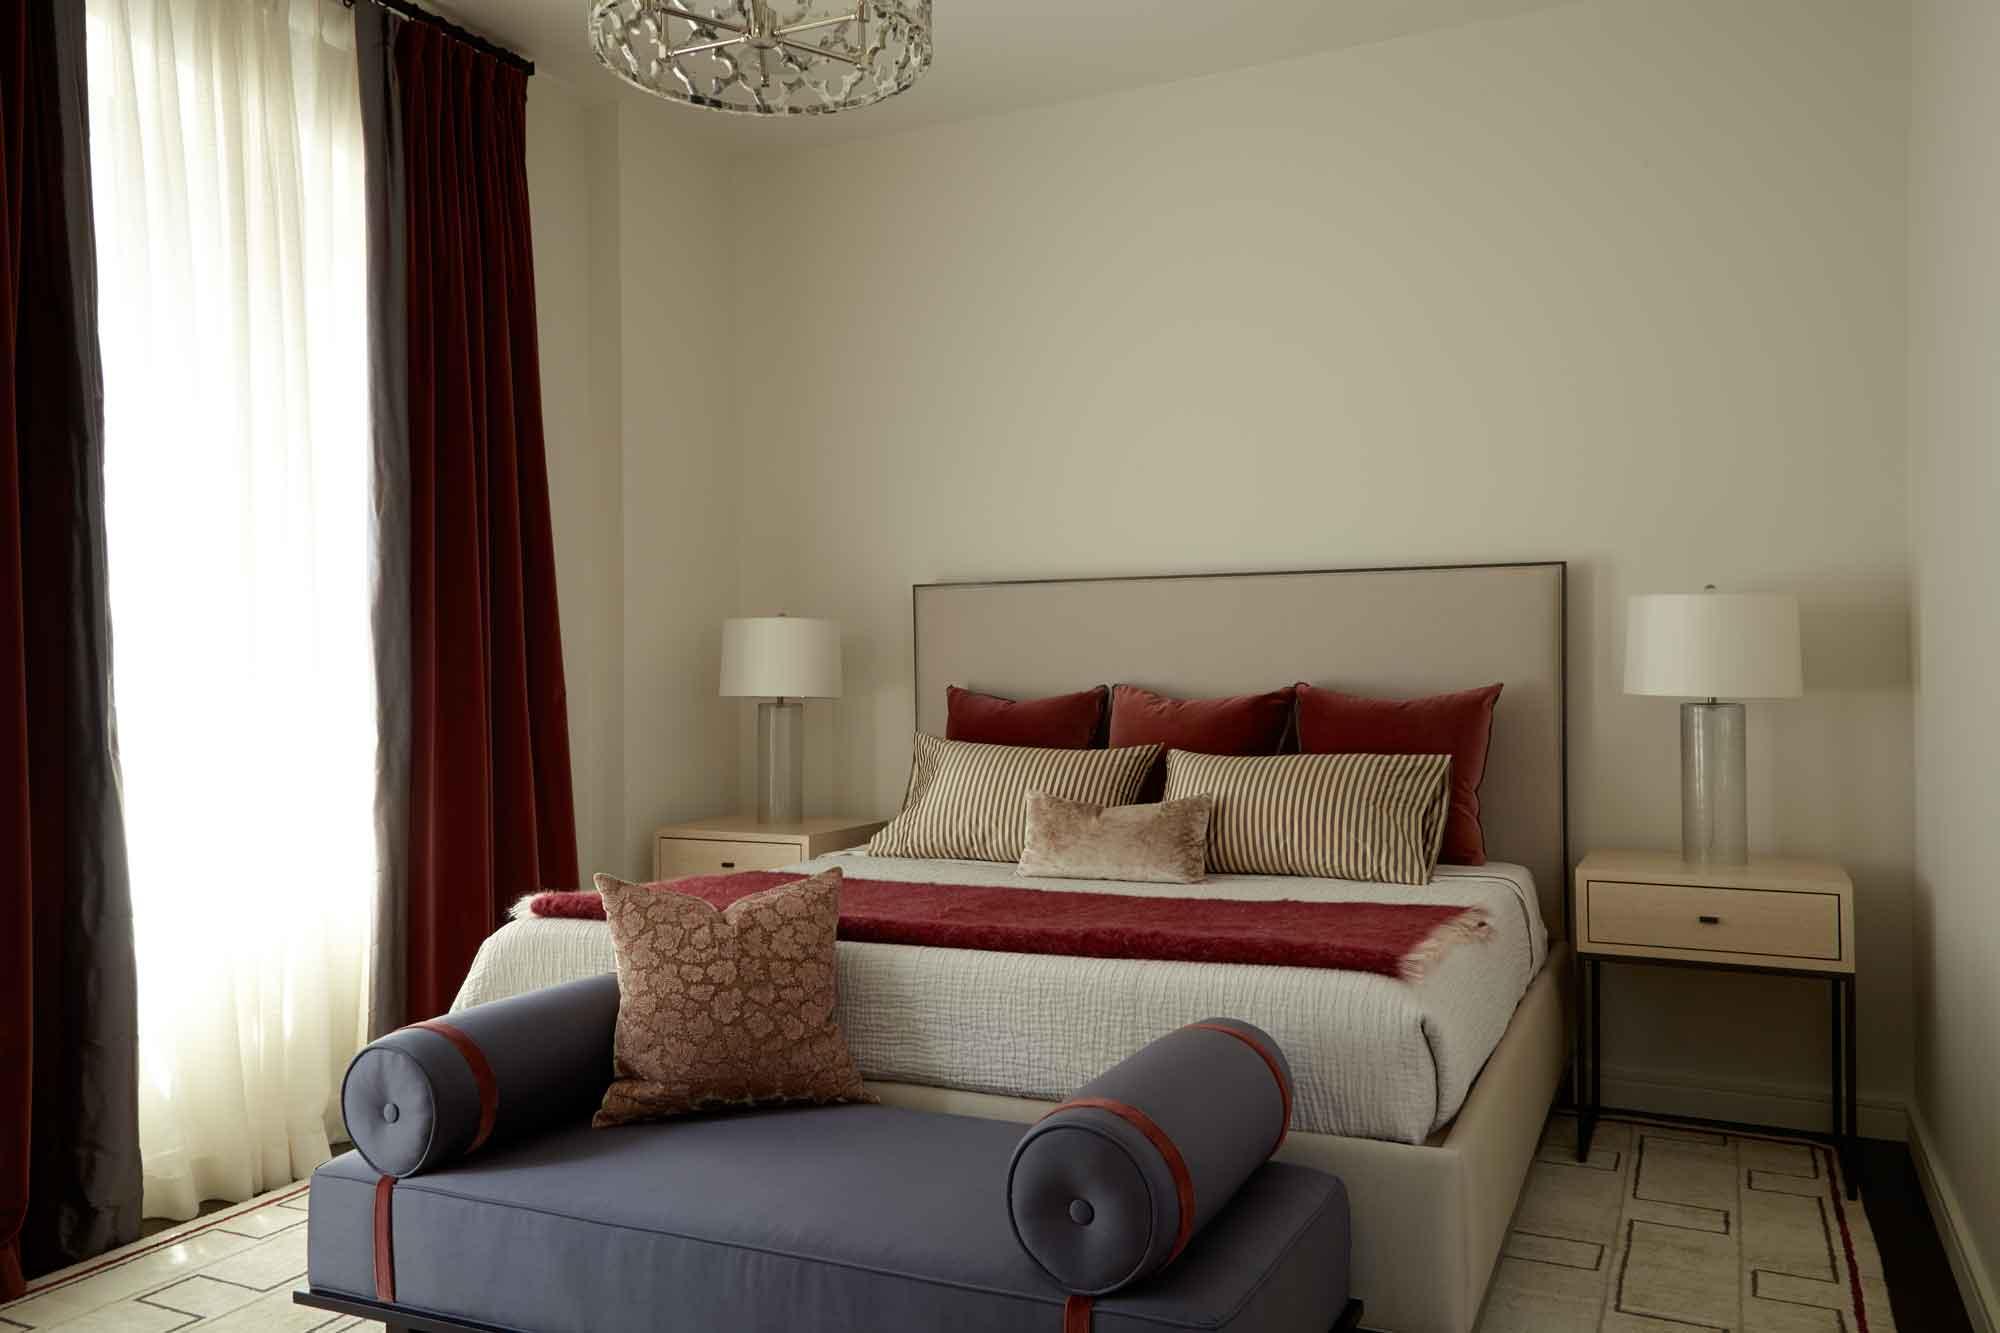 brooke moorhead design bedroom tribeca chic